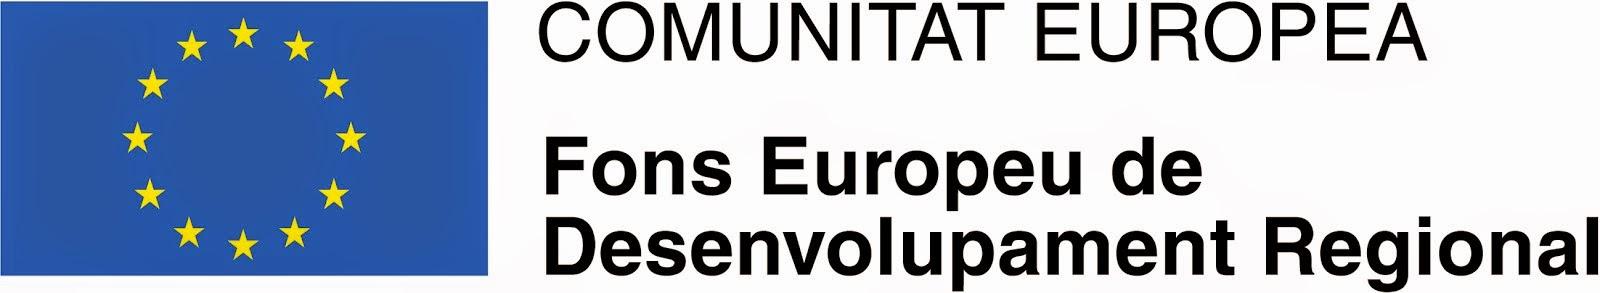 Obra Finançada per l'Unió Europea